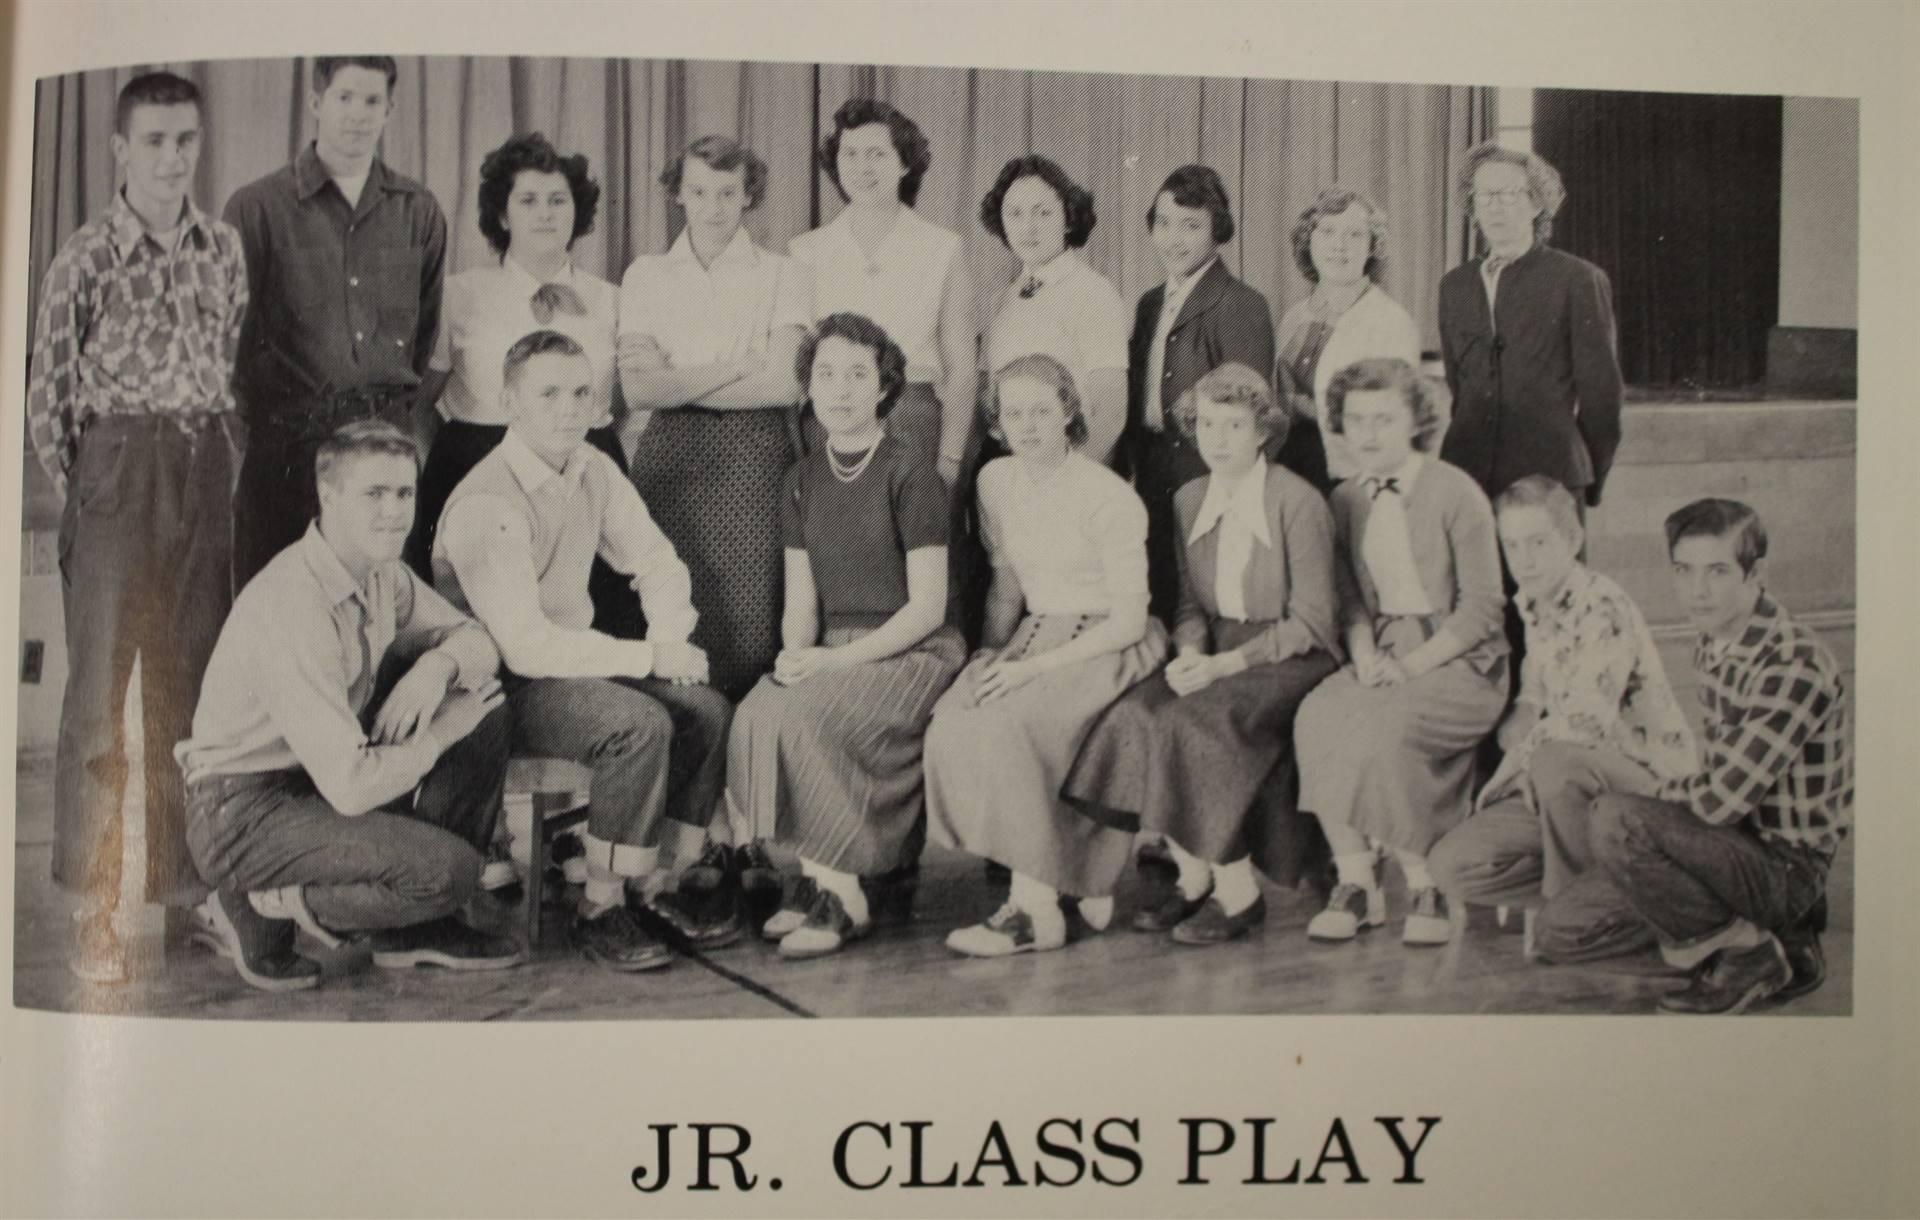 1954 Jr. Class Play